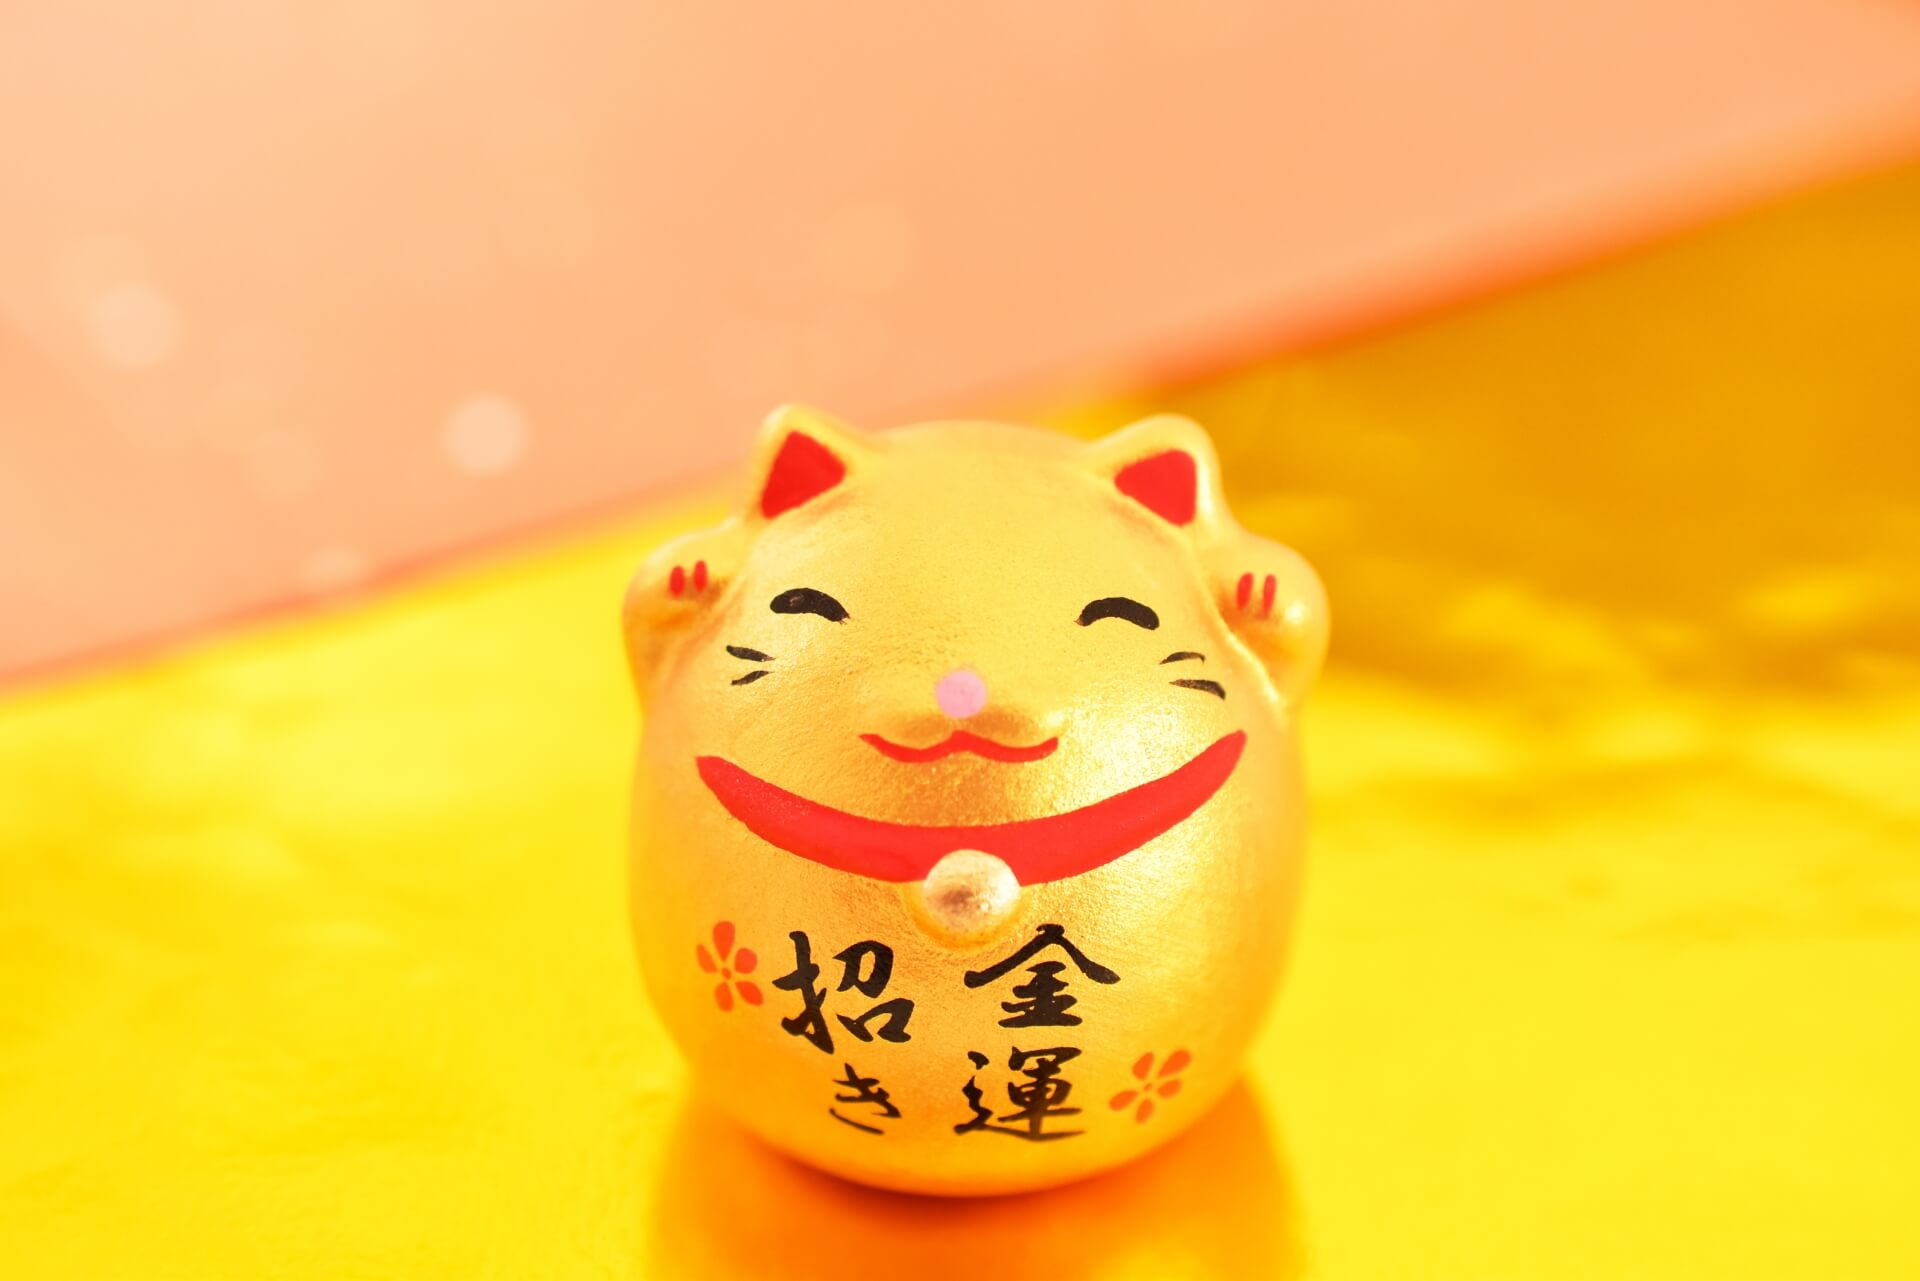 金運アップ 招き猫の待ち受け画像でお金を呼び寄せる どんな画像を選ぶ